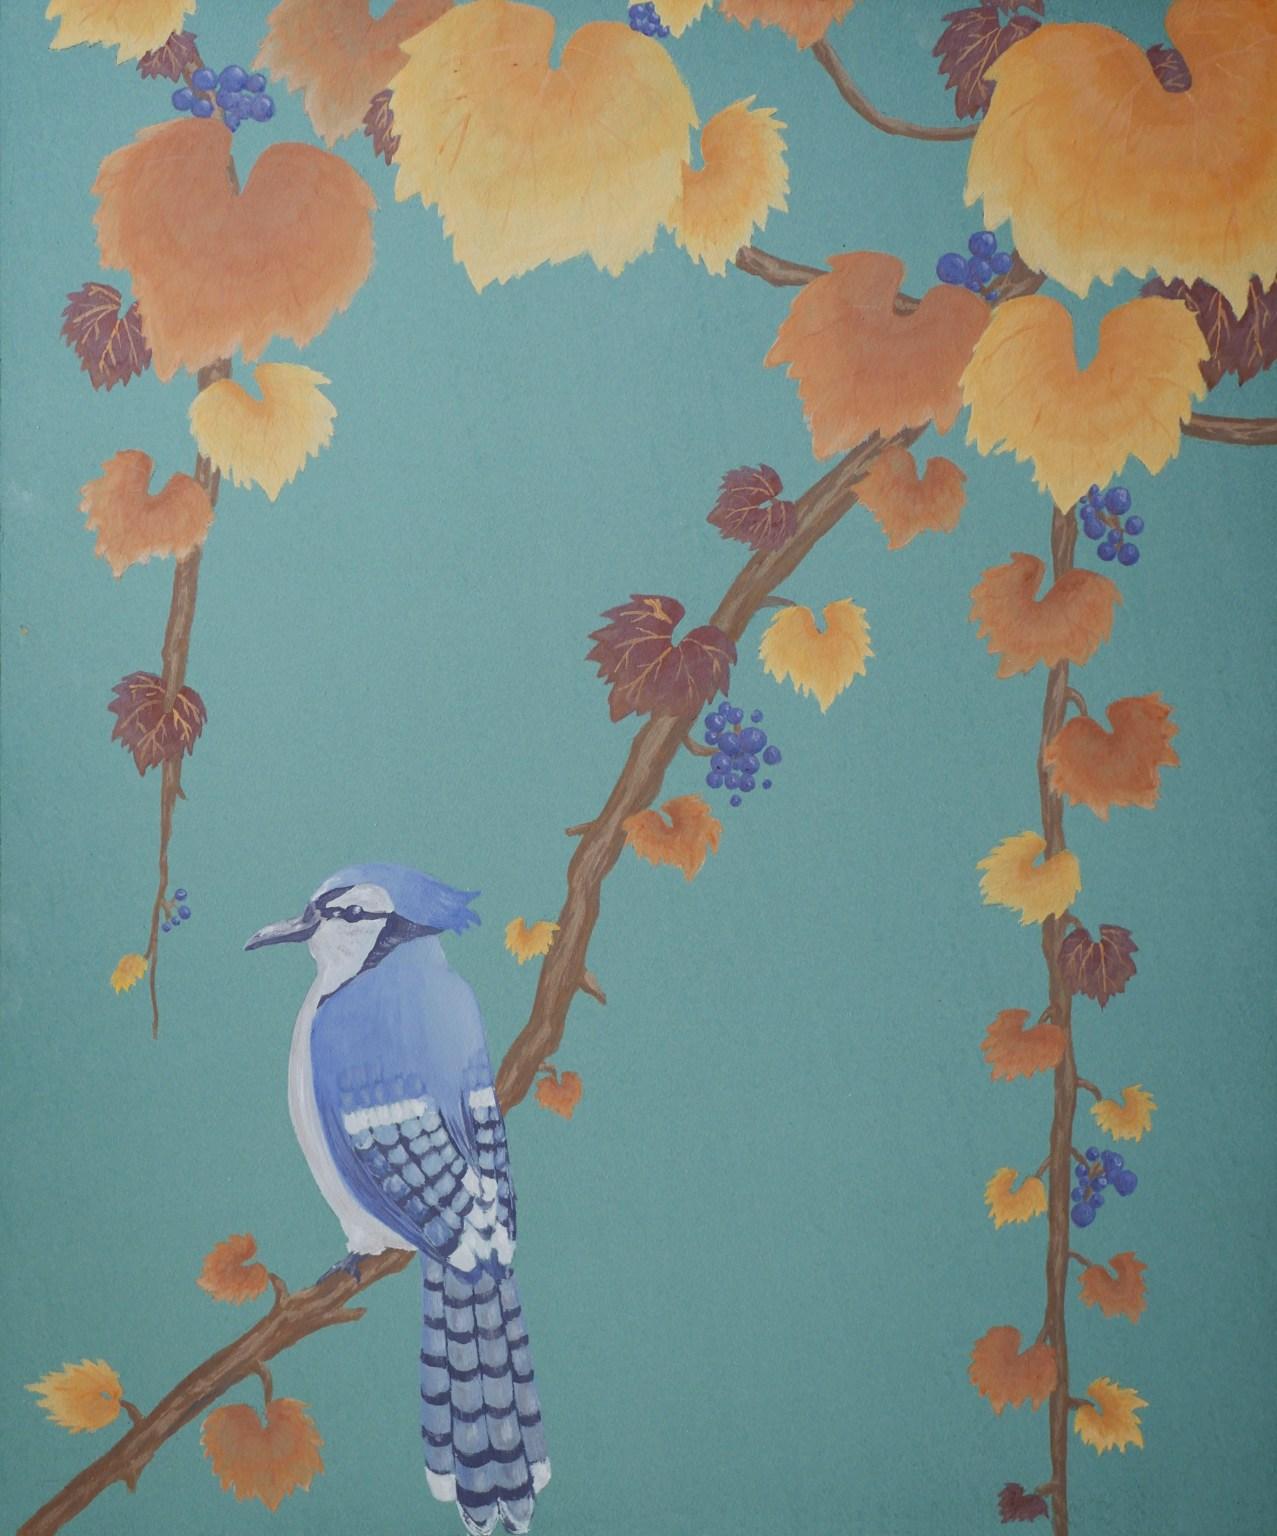 Décor Geai bleu et feuilles de vignes, inspiration estampe japonaise, peinture écologique, Assilem décors, peintre en décor Bordeaux, décoration intérieure, peintre décoratrice